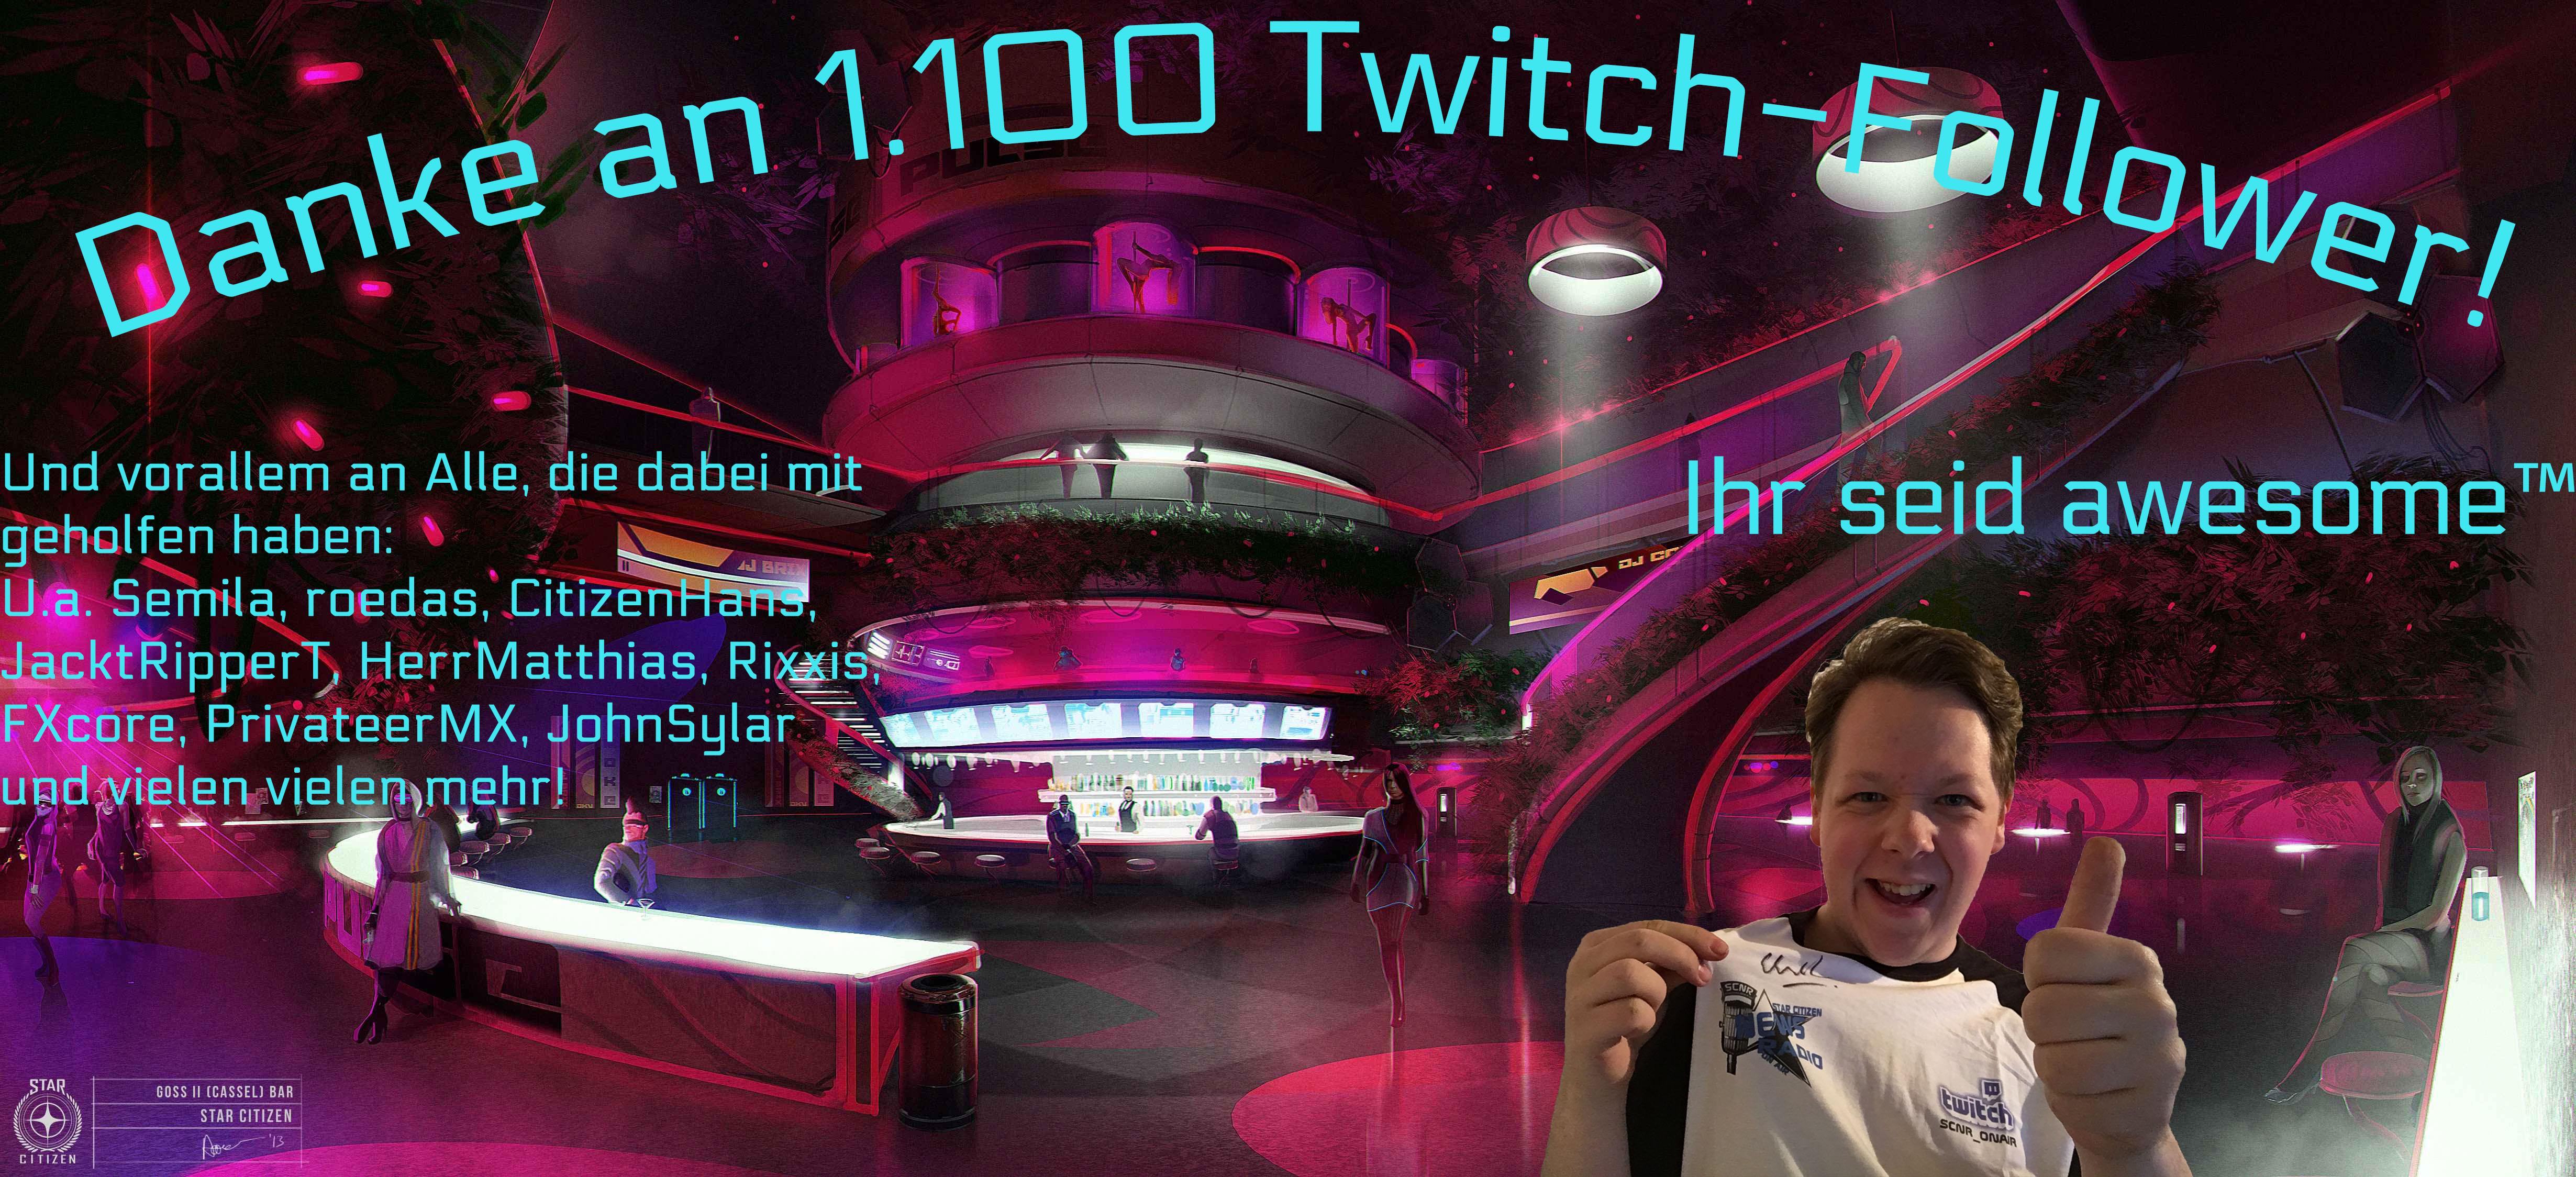 twitch-milestone